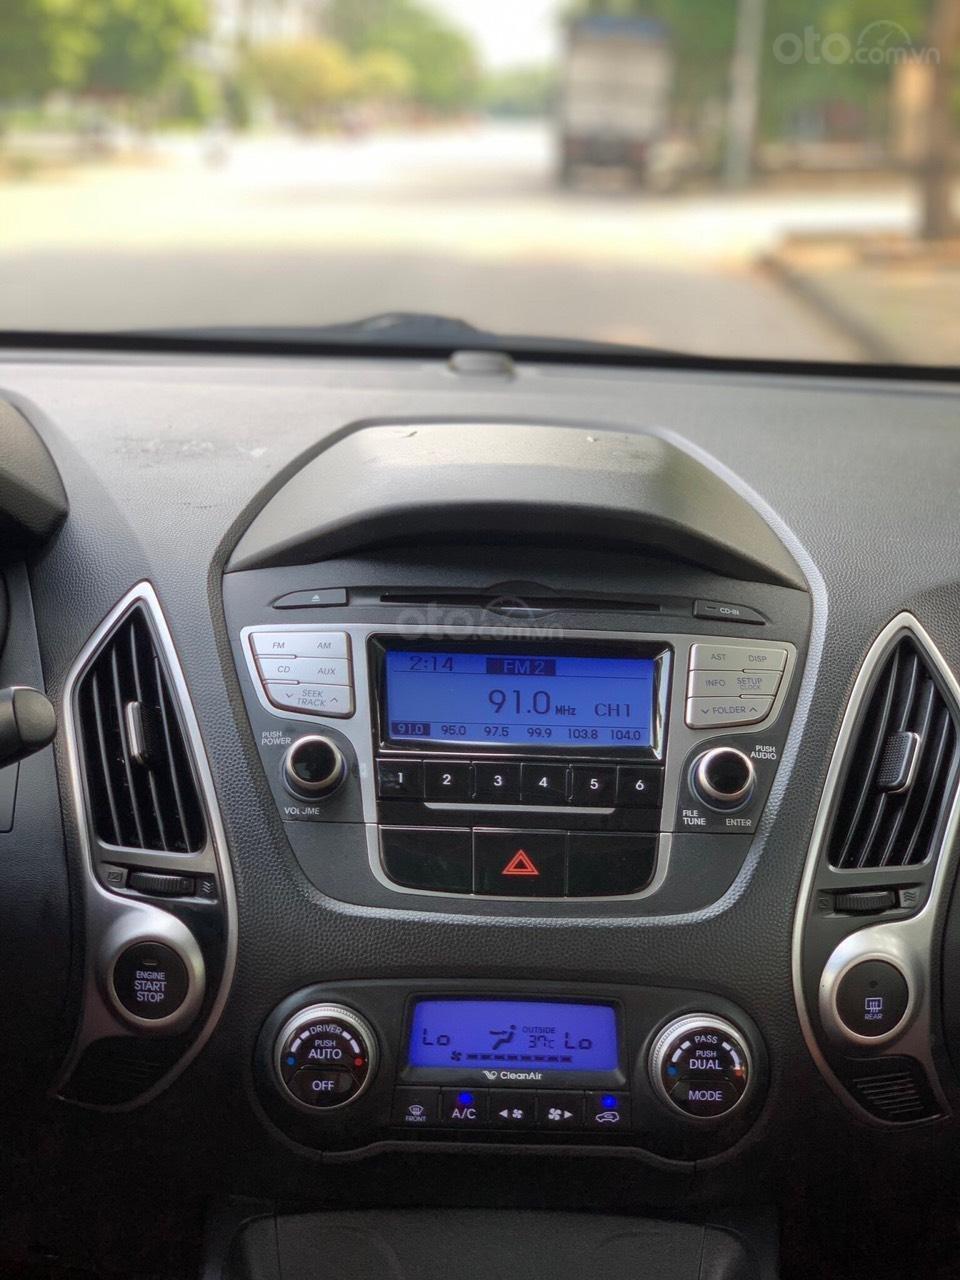 Bán nhanh Hyundai Tucson năm sản xuất 2012 xe đẹp nguyên bản (2)